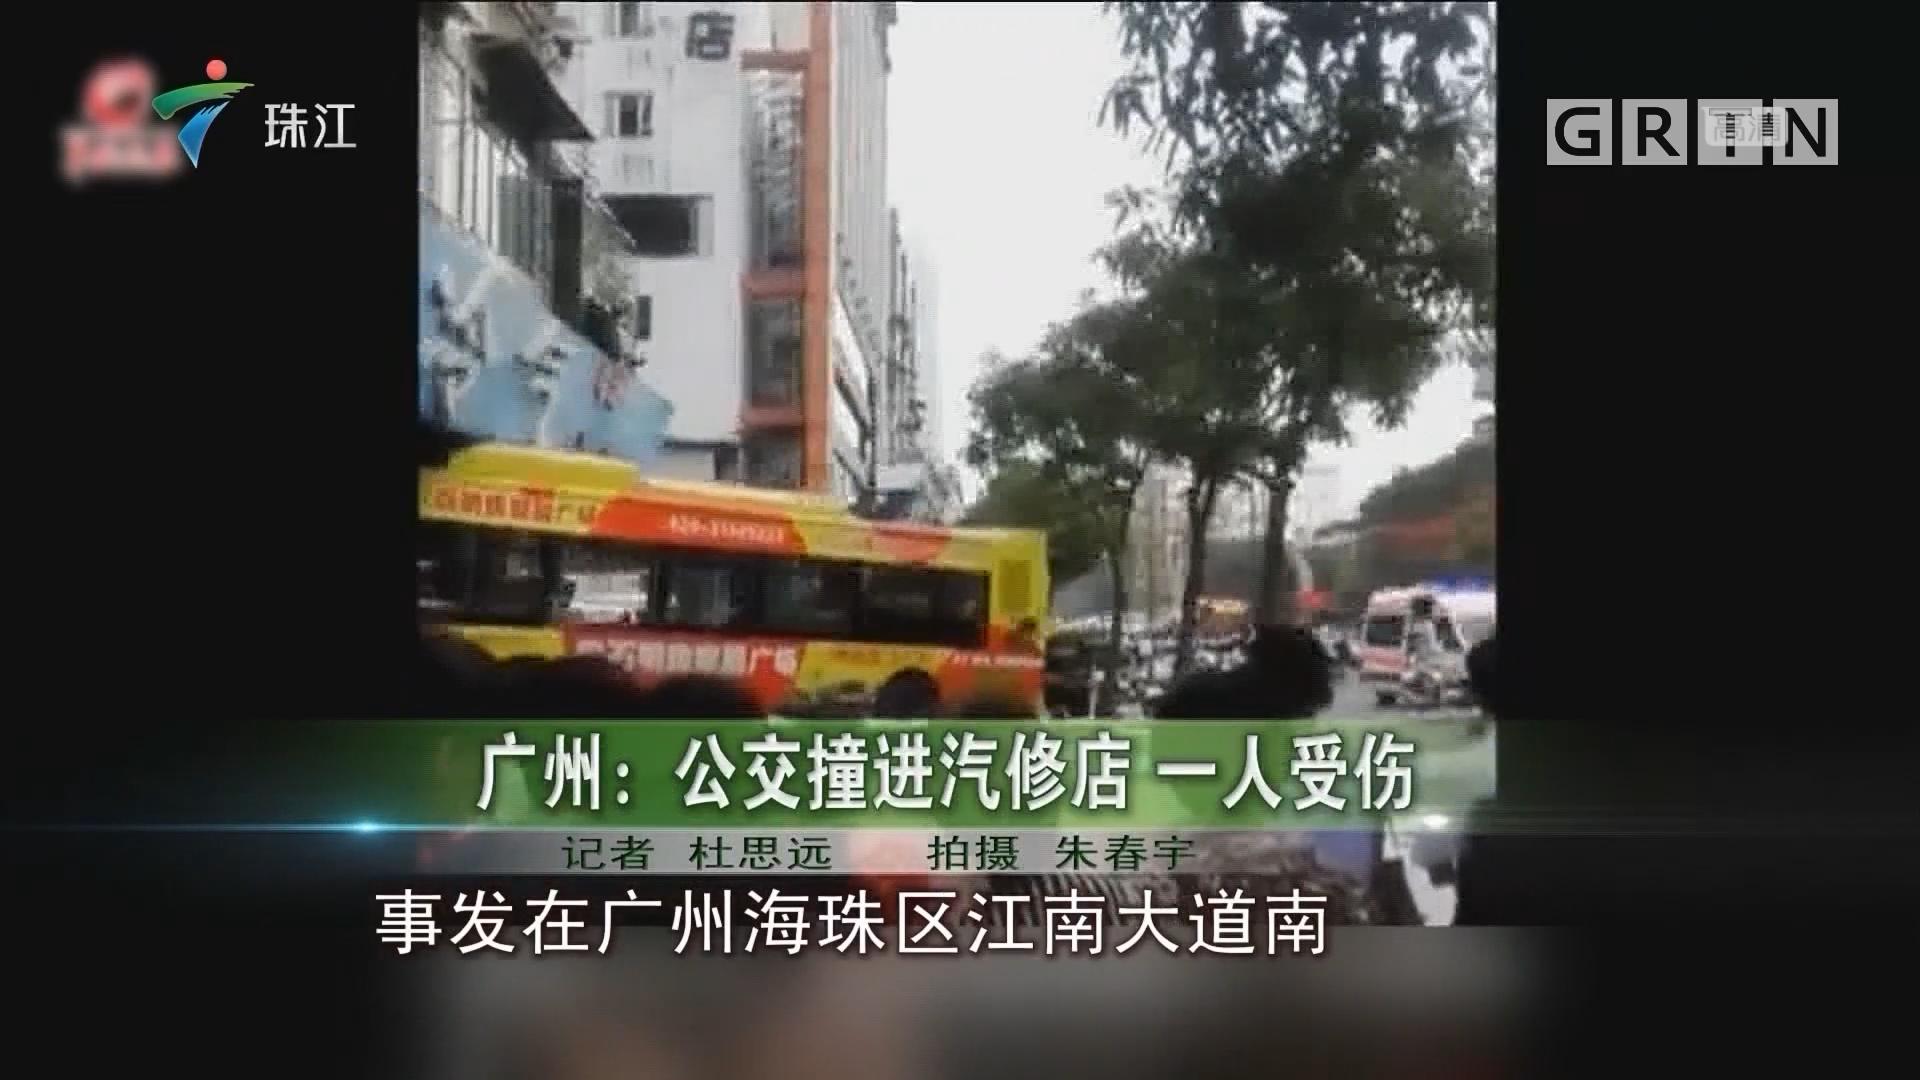 广州:公交撞进汽修店 一人受伤